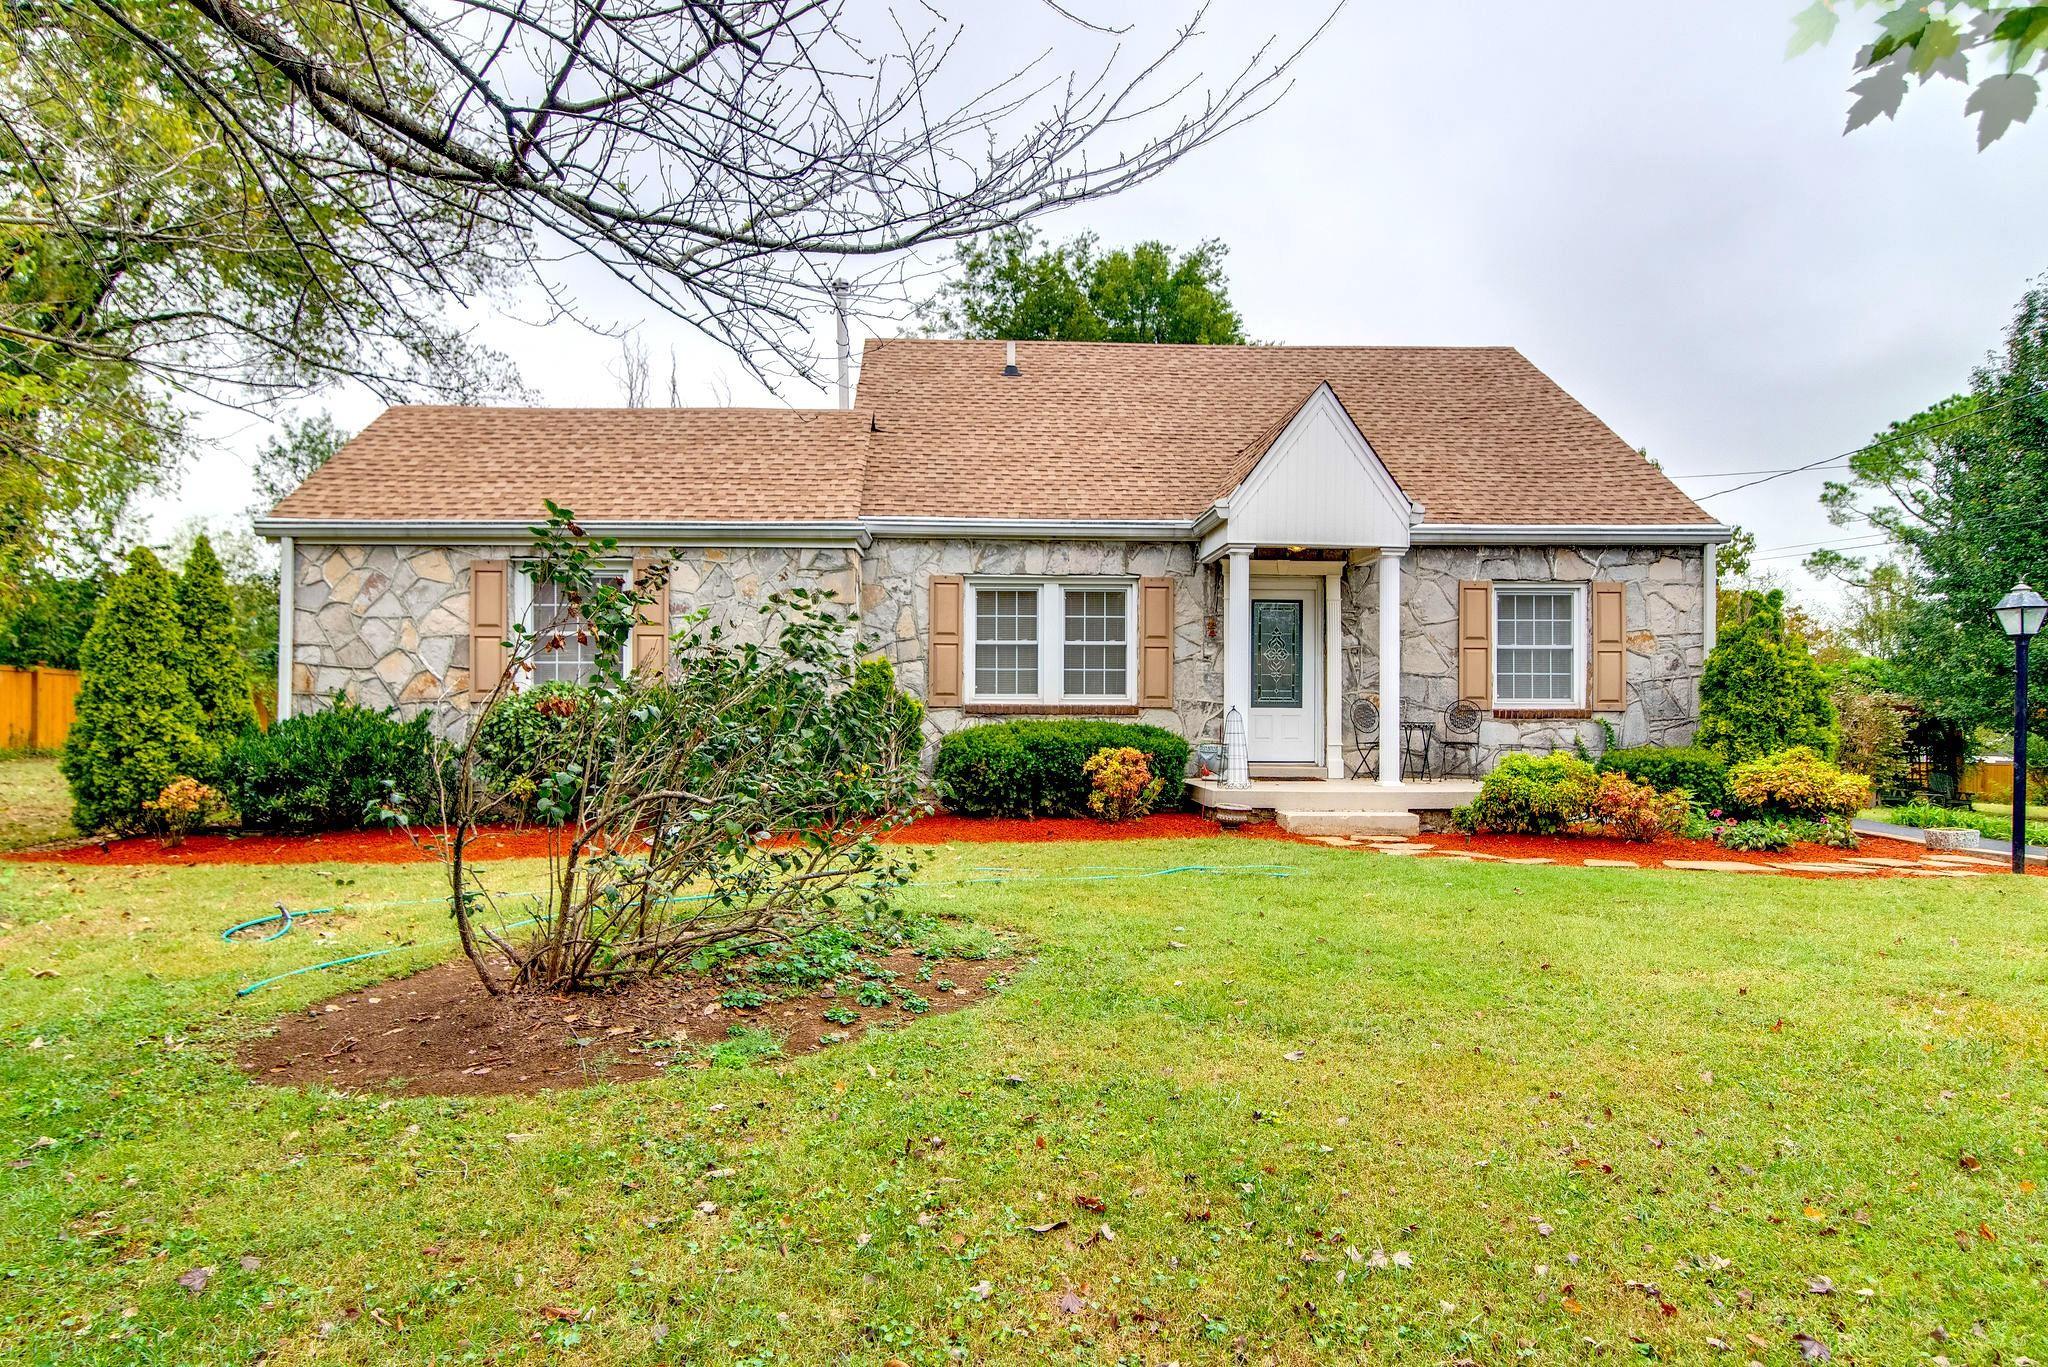 1239 Kenmore Pl, Nashville, TN 37216 - Nashville, TN real estate listing